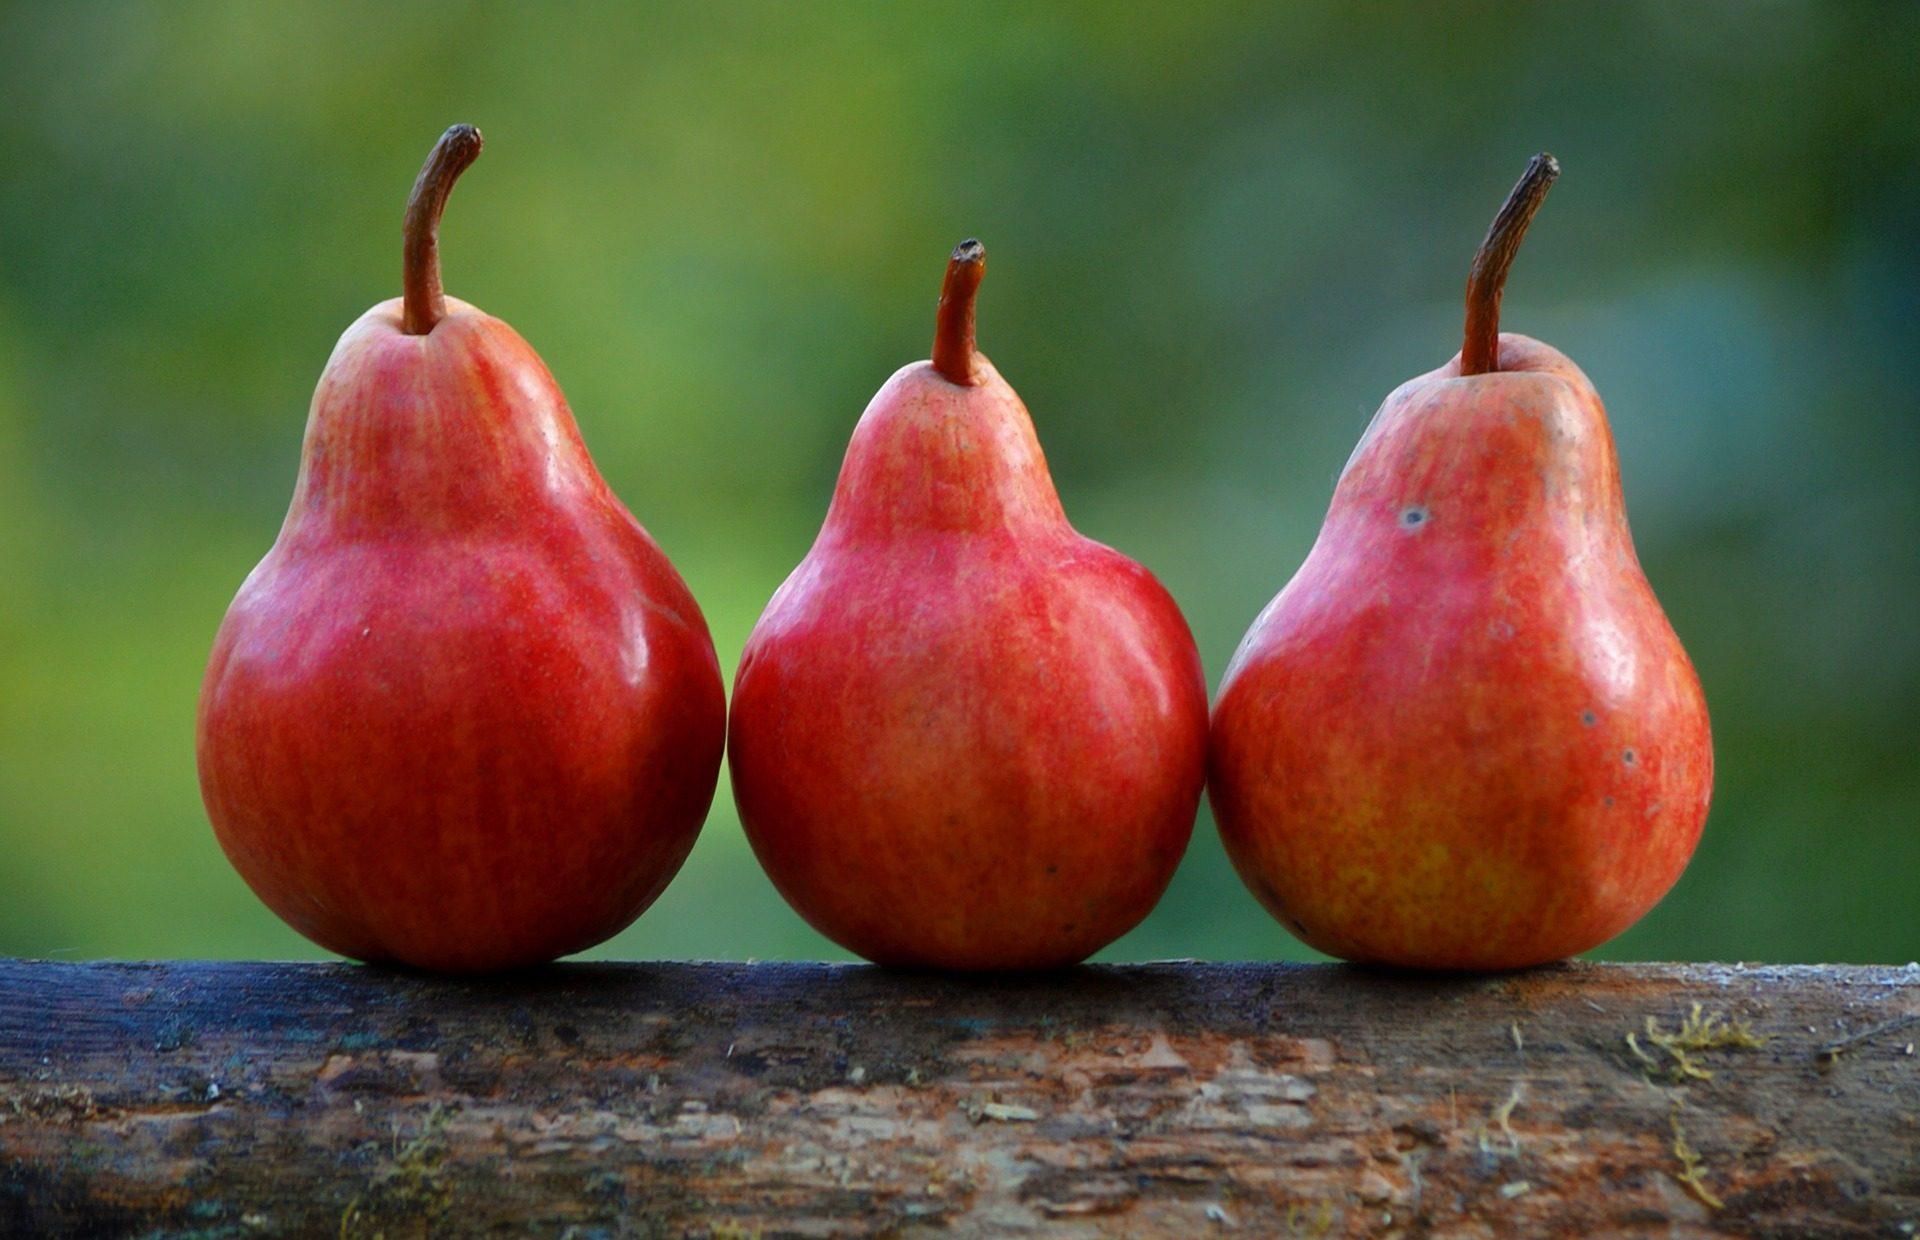 Poires, Rouge, fruits, en bonne santé, régime alimentaire - Fonds d'écran HD - Professor-falken.com